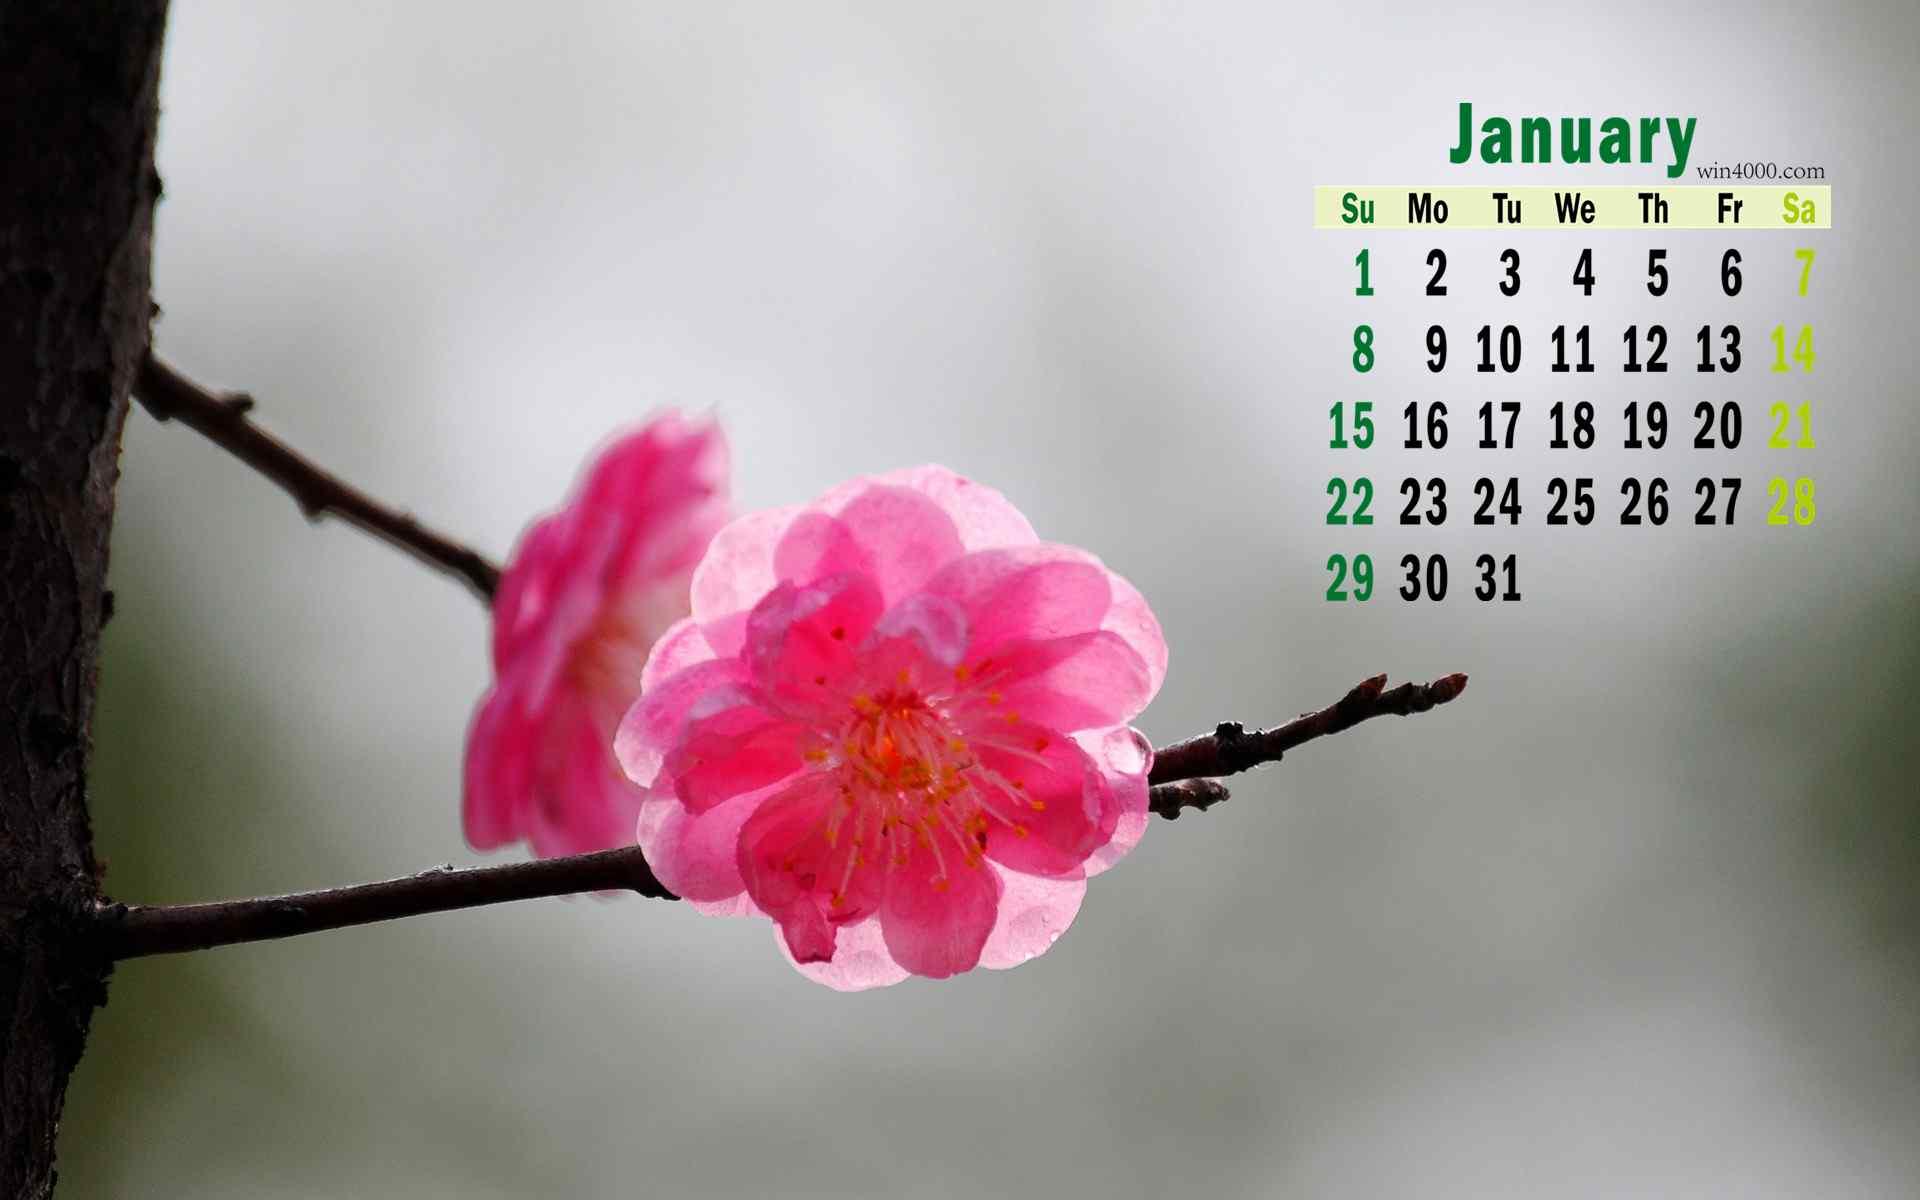 2017年1月日历美丽红梅高清桌面壁纸。并蒂连技朵朵双,偏宜照影傍寒塘。自古以来,梅花都是文人雅士吟咏的对象,梅花是高雅、坚强的象征。分享一组2017年1月傲骨红梅日历桌面壁纸,欢迎继续关注桌面天下,给你带来更多精面壁纸下载资源。